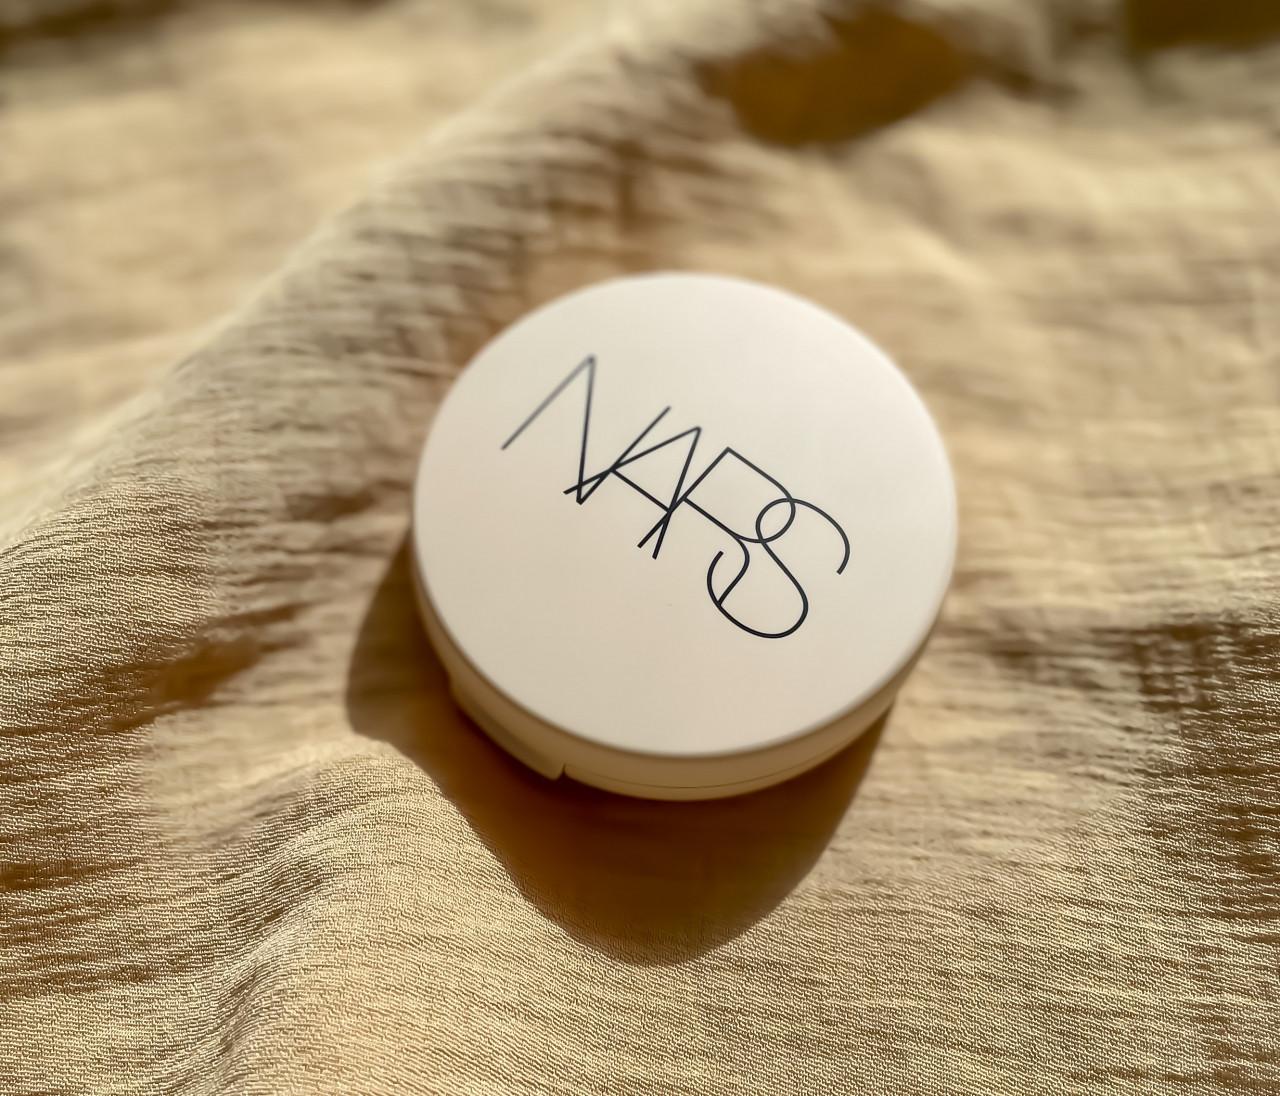 """「ファンデーションは塗ったほうがいい」を実感!NARSの新クッションファンデーションの守""""美""""力がスゴい!【美容マイスターまつこの30代ビューティ道#19】"""